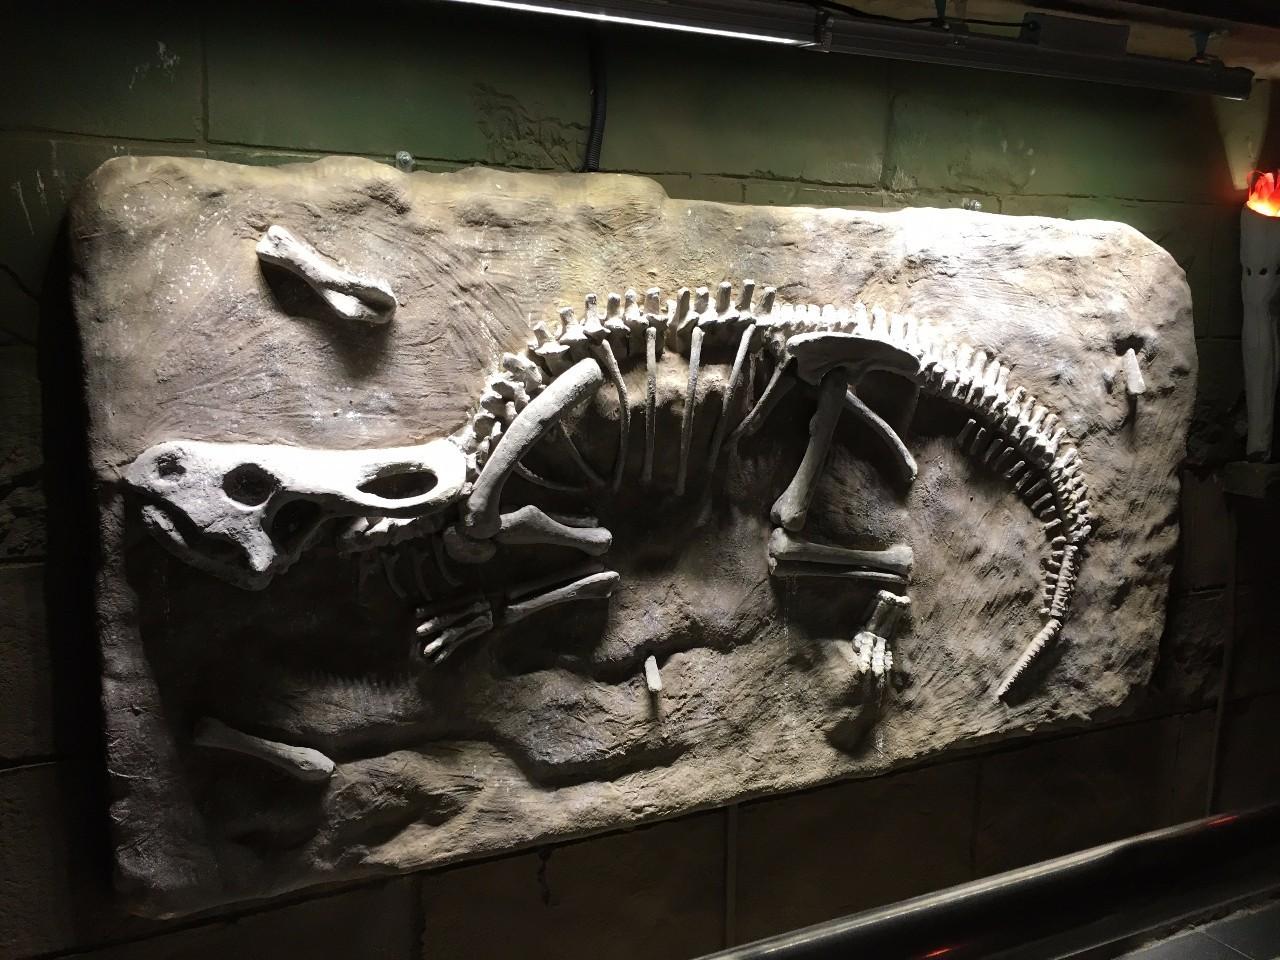 恐龙乐园 恐龙总动员 恐龙当家国语版 小恐龙丛林历险记